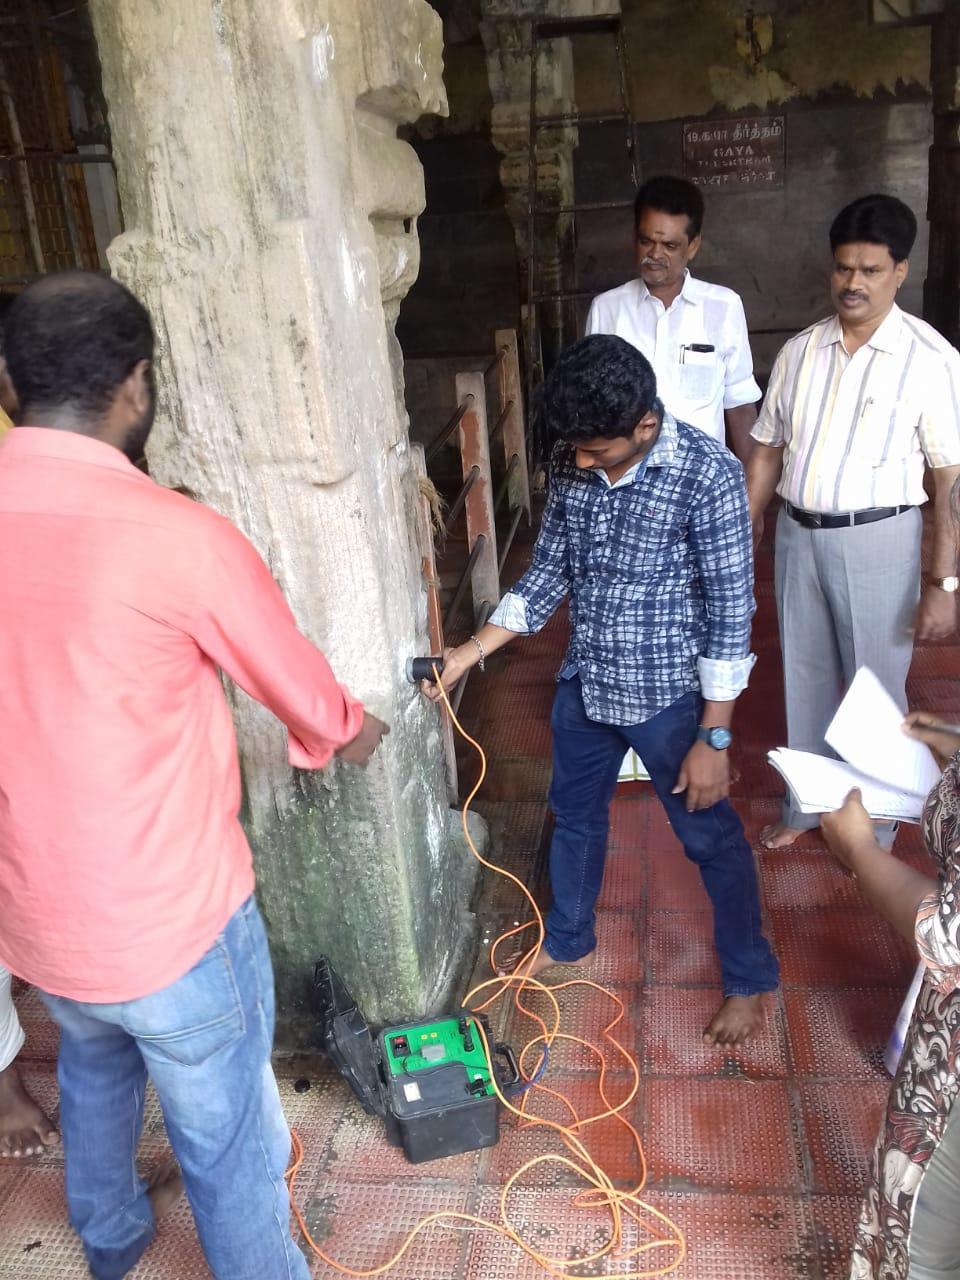 ராமேஸ்வரம் கோயிலில் உறுதி தன்மை குறித்து ஆய்வு